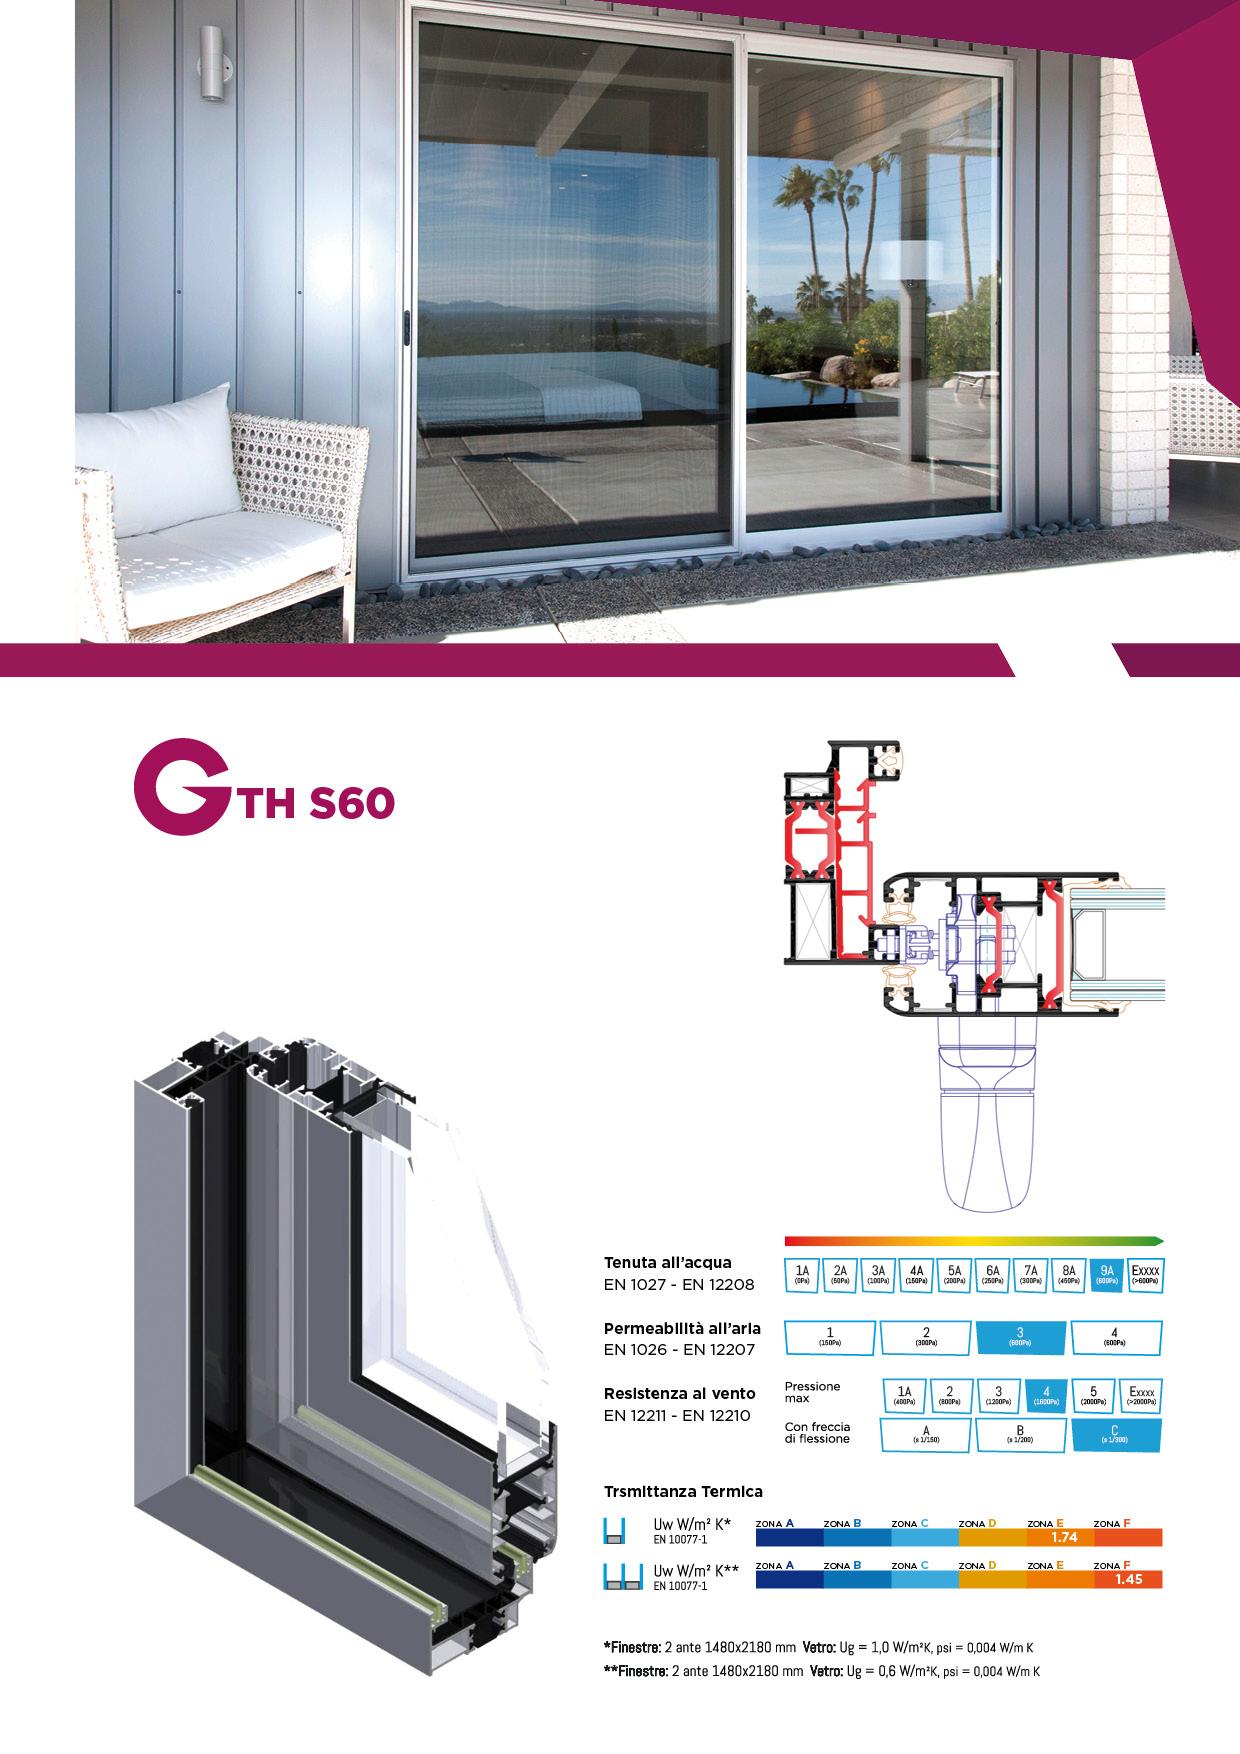 GTHS60